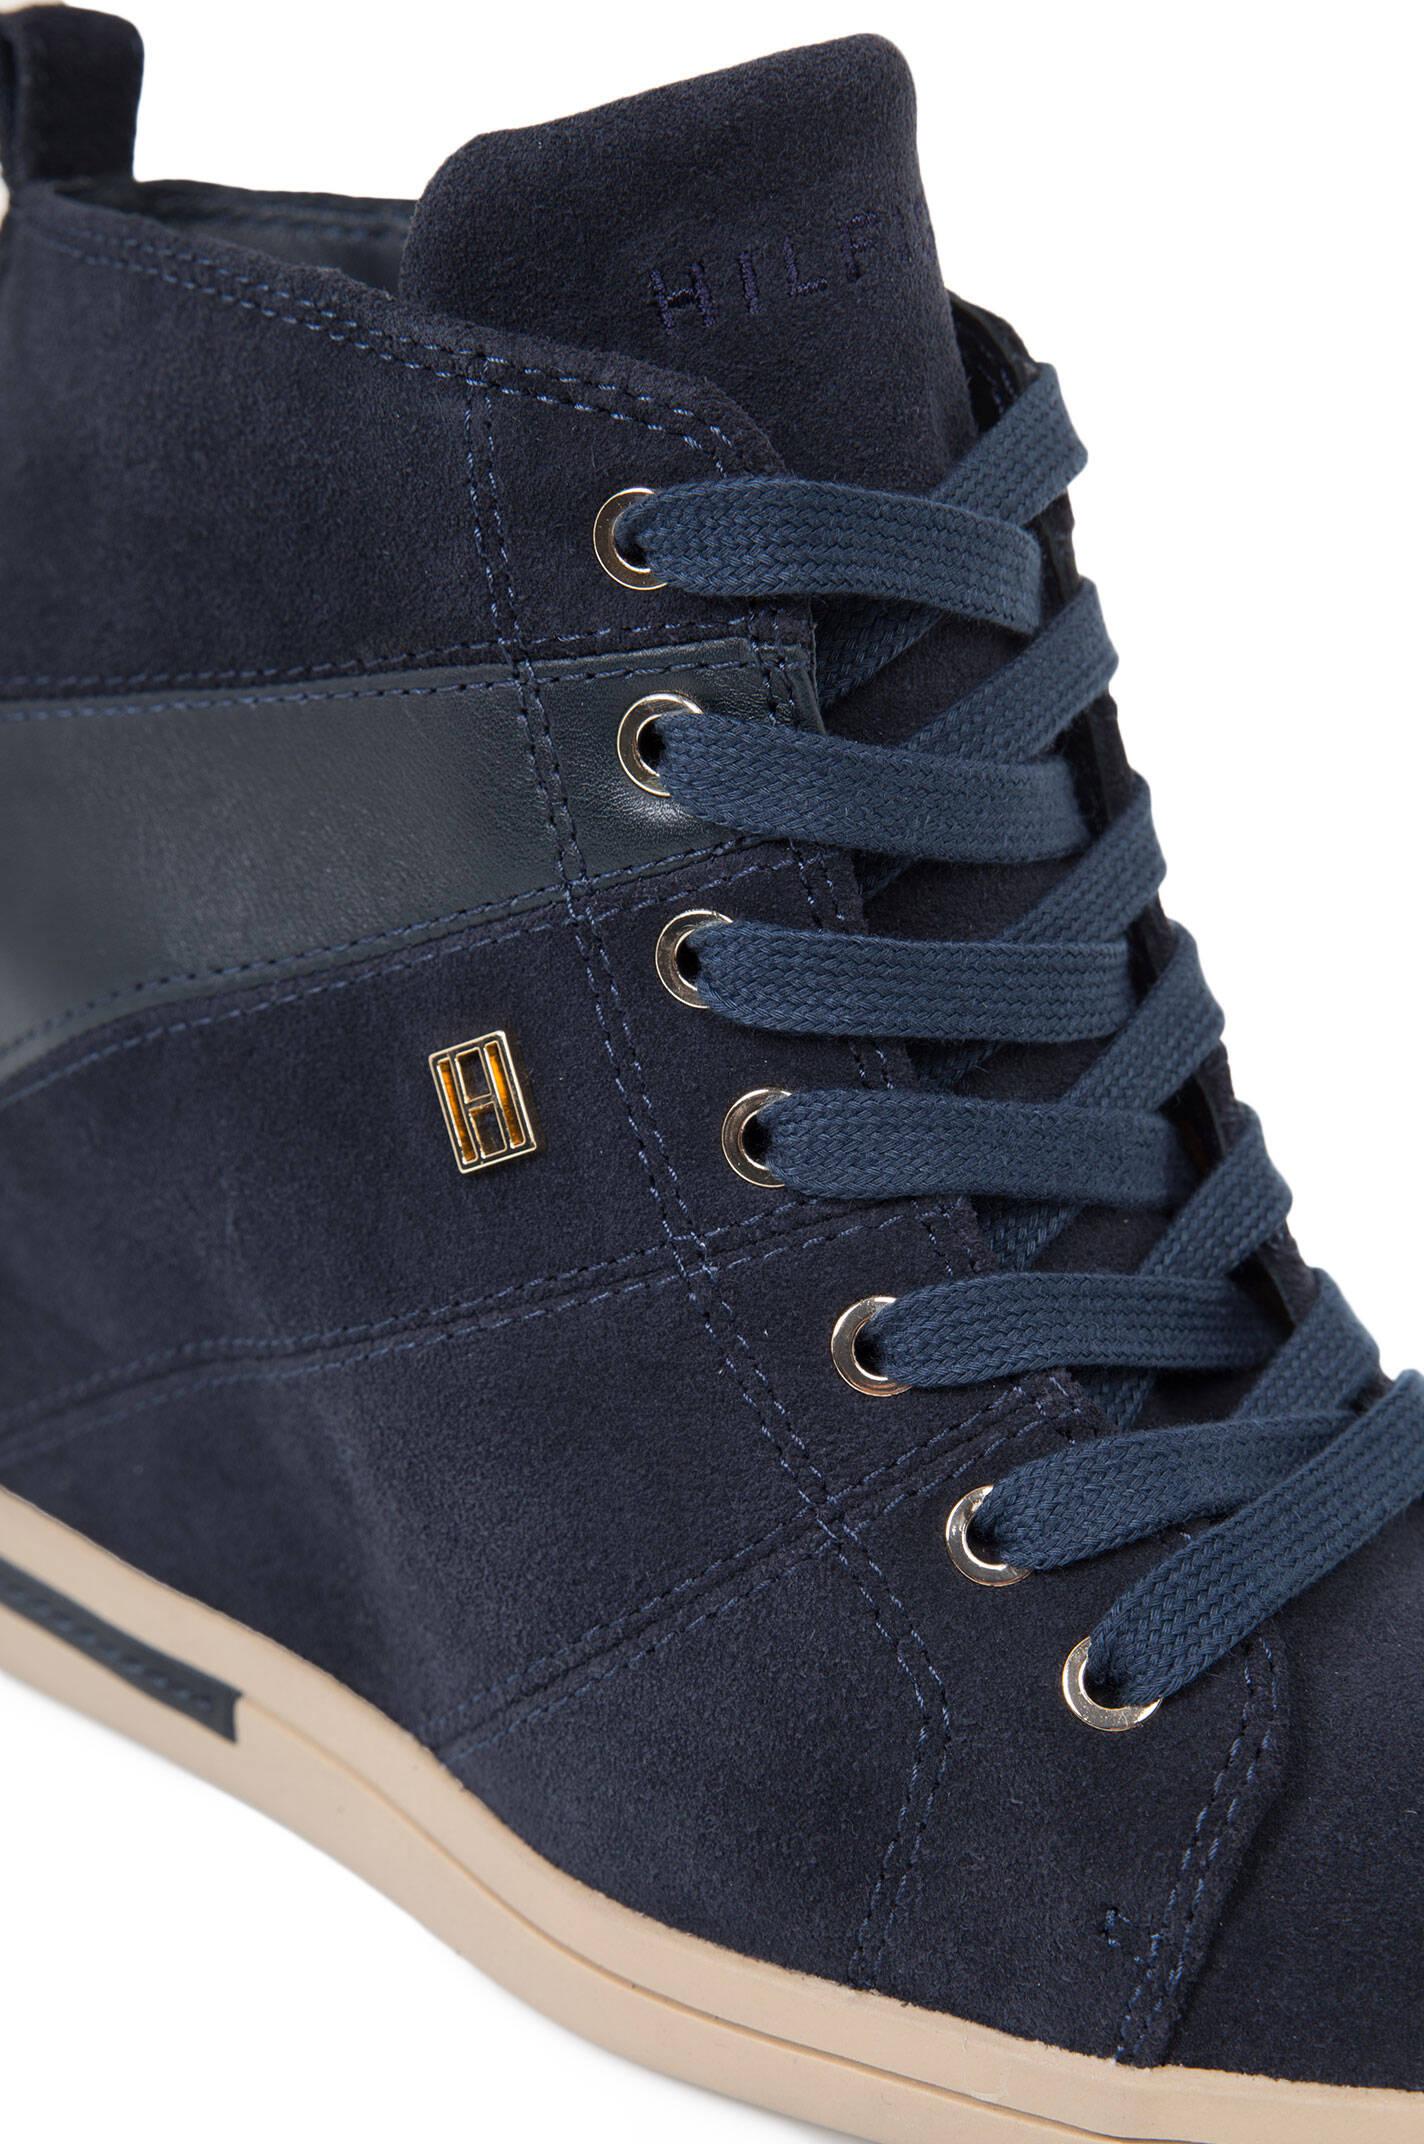 471b694428135 Sneakersy Sebille 5C Tommy Hilfiger